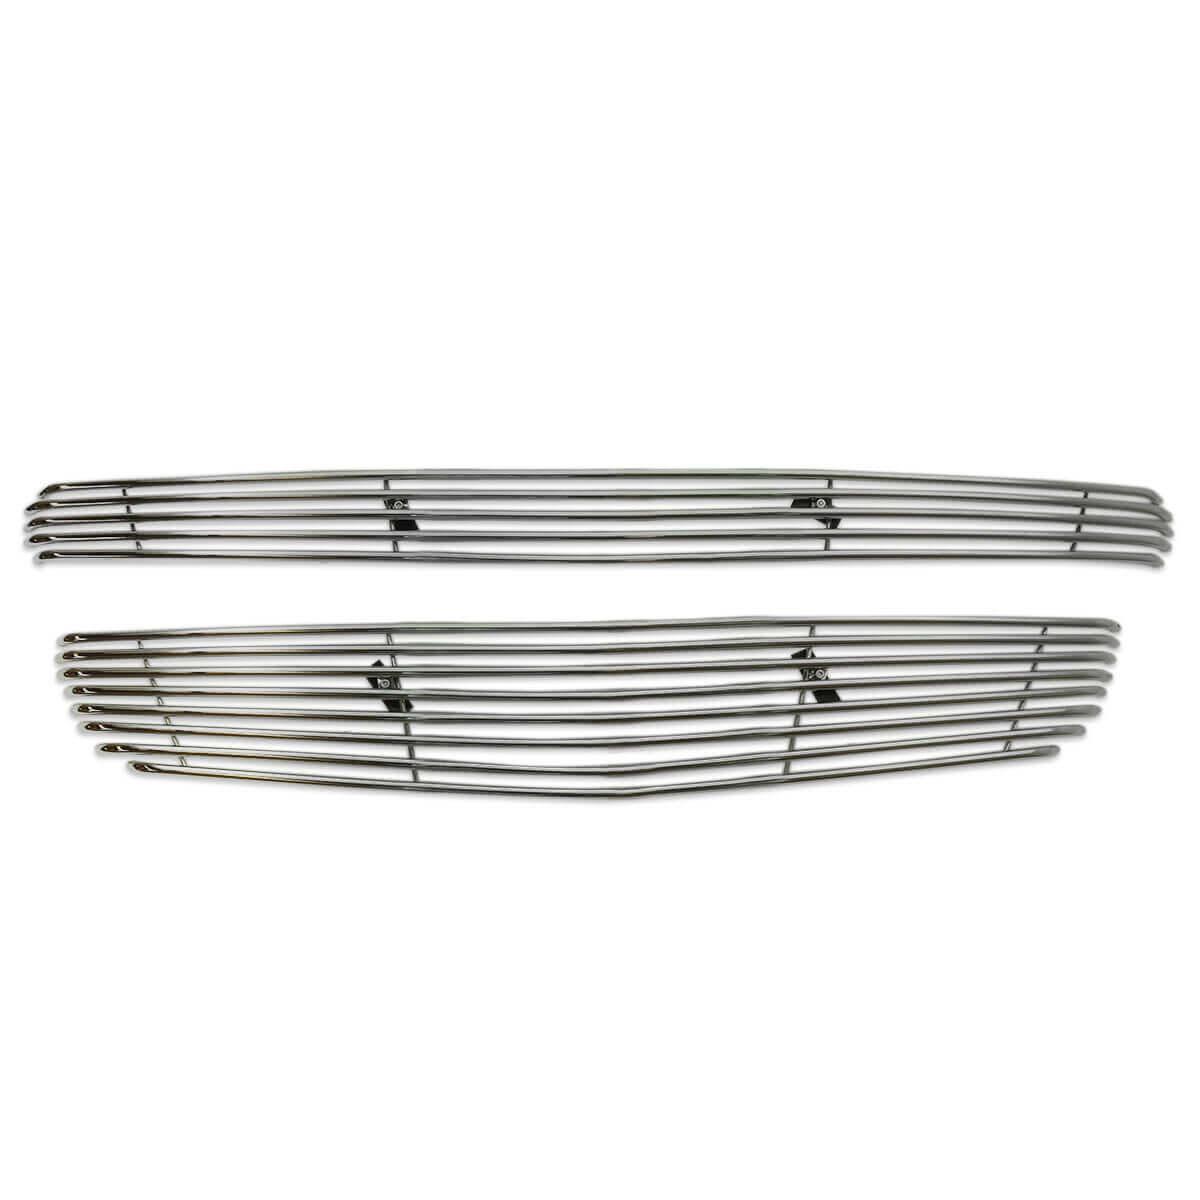 Sobre grade filetada em aço inox S10 2012 a 2016 kit 2 peças